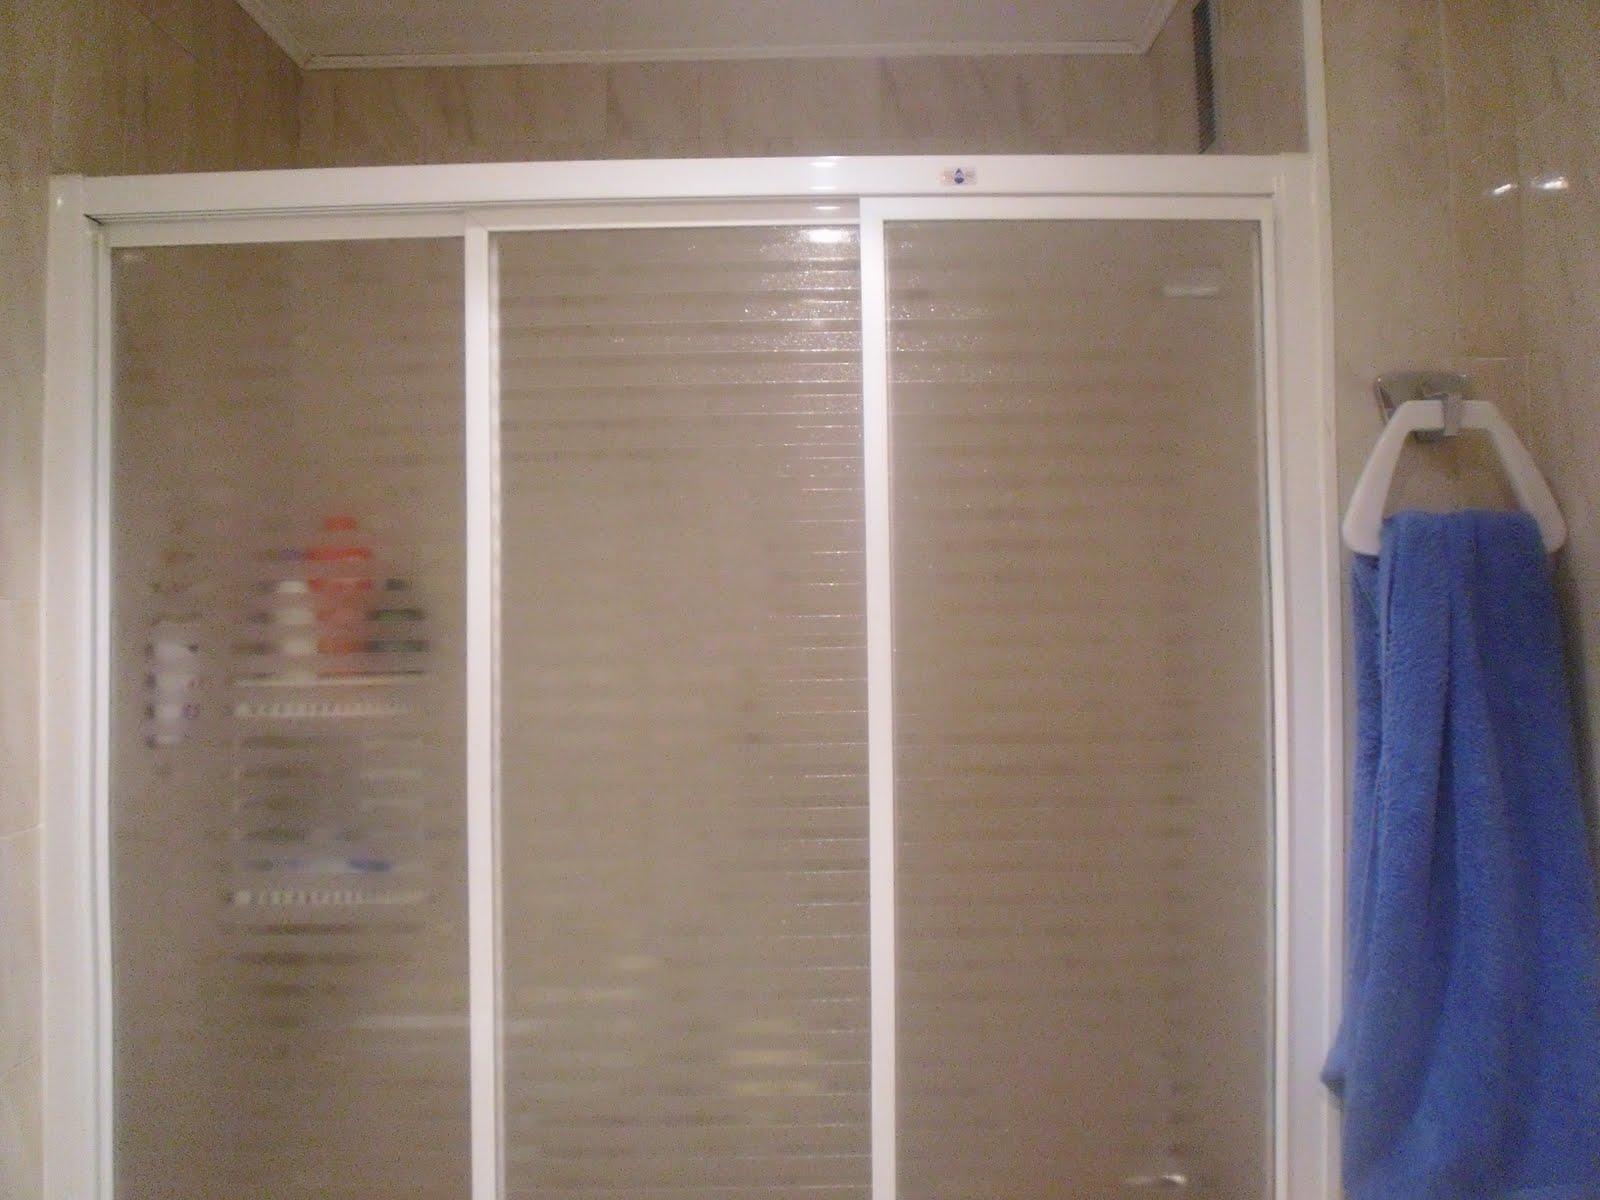 perfiles de aluminio para puertas de baopuertas de aluminio para banos perfiles de aluminio para puertas de bao